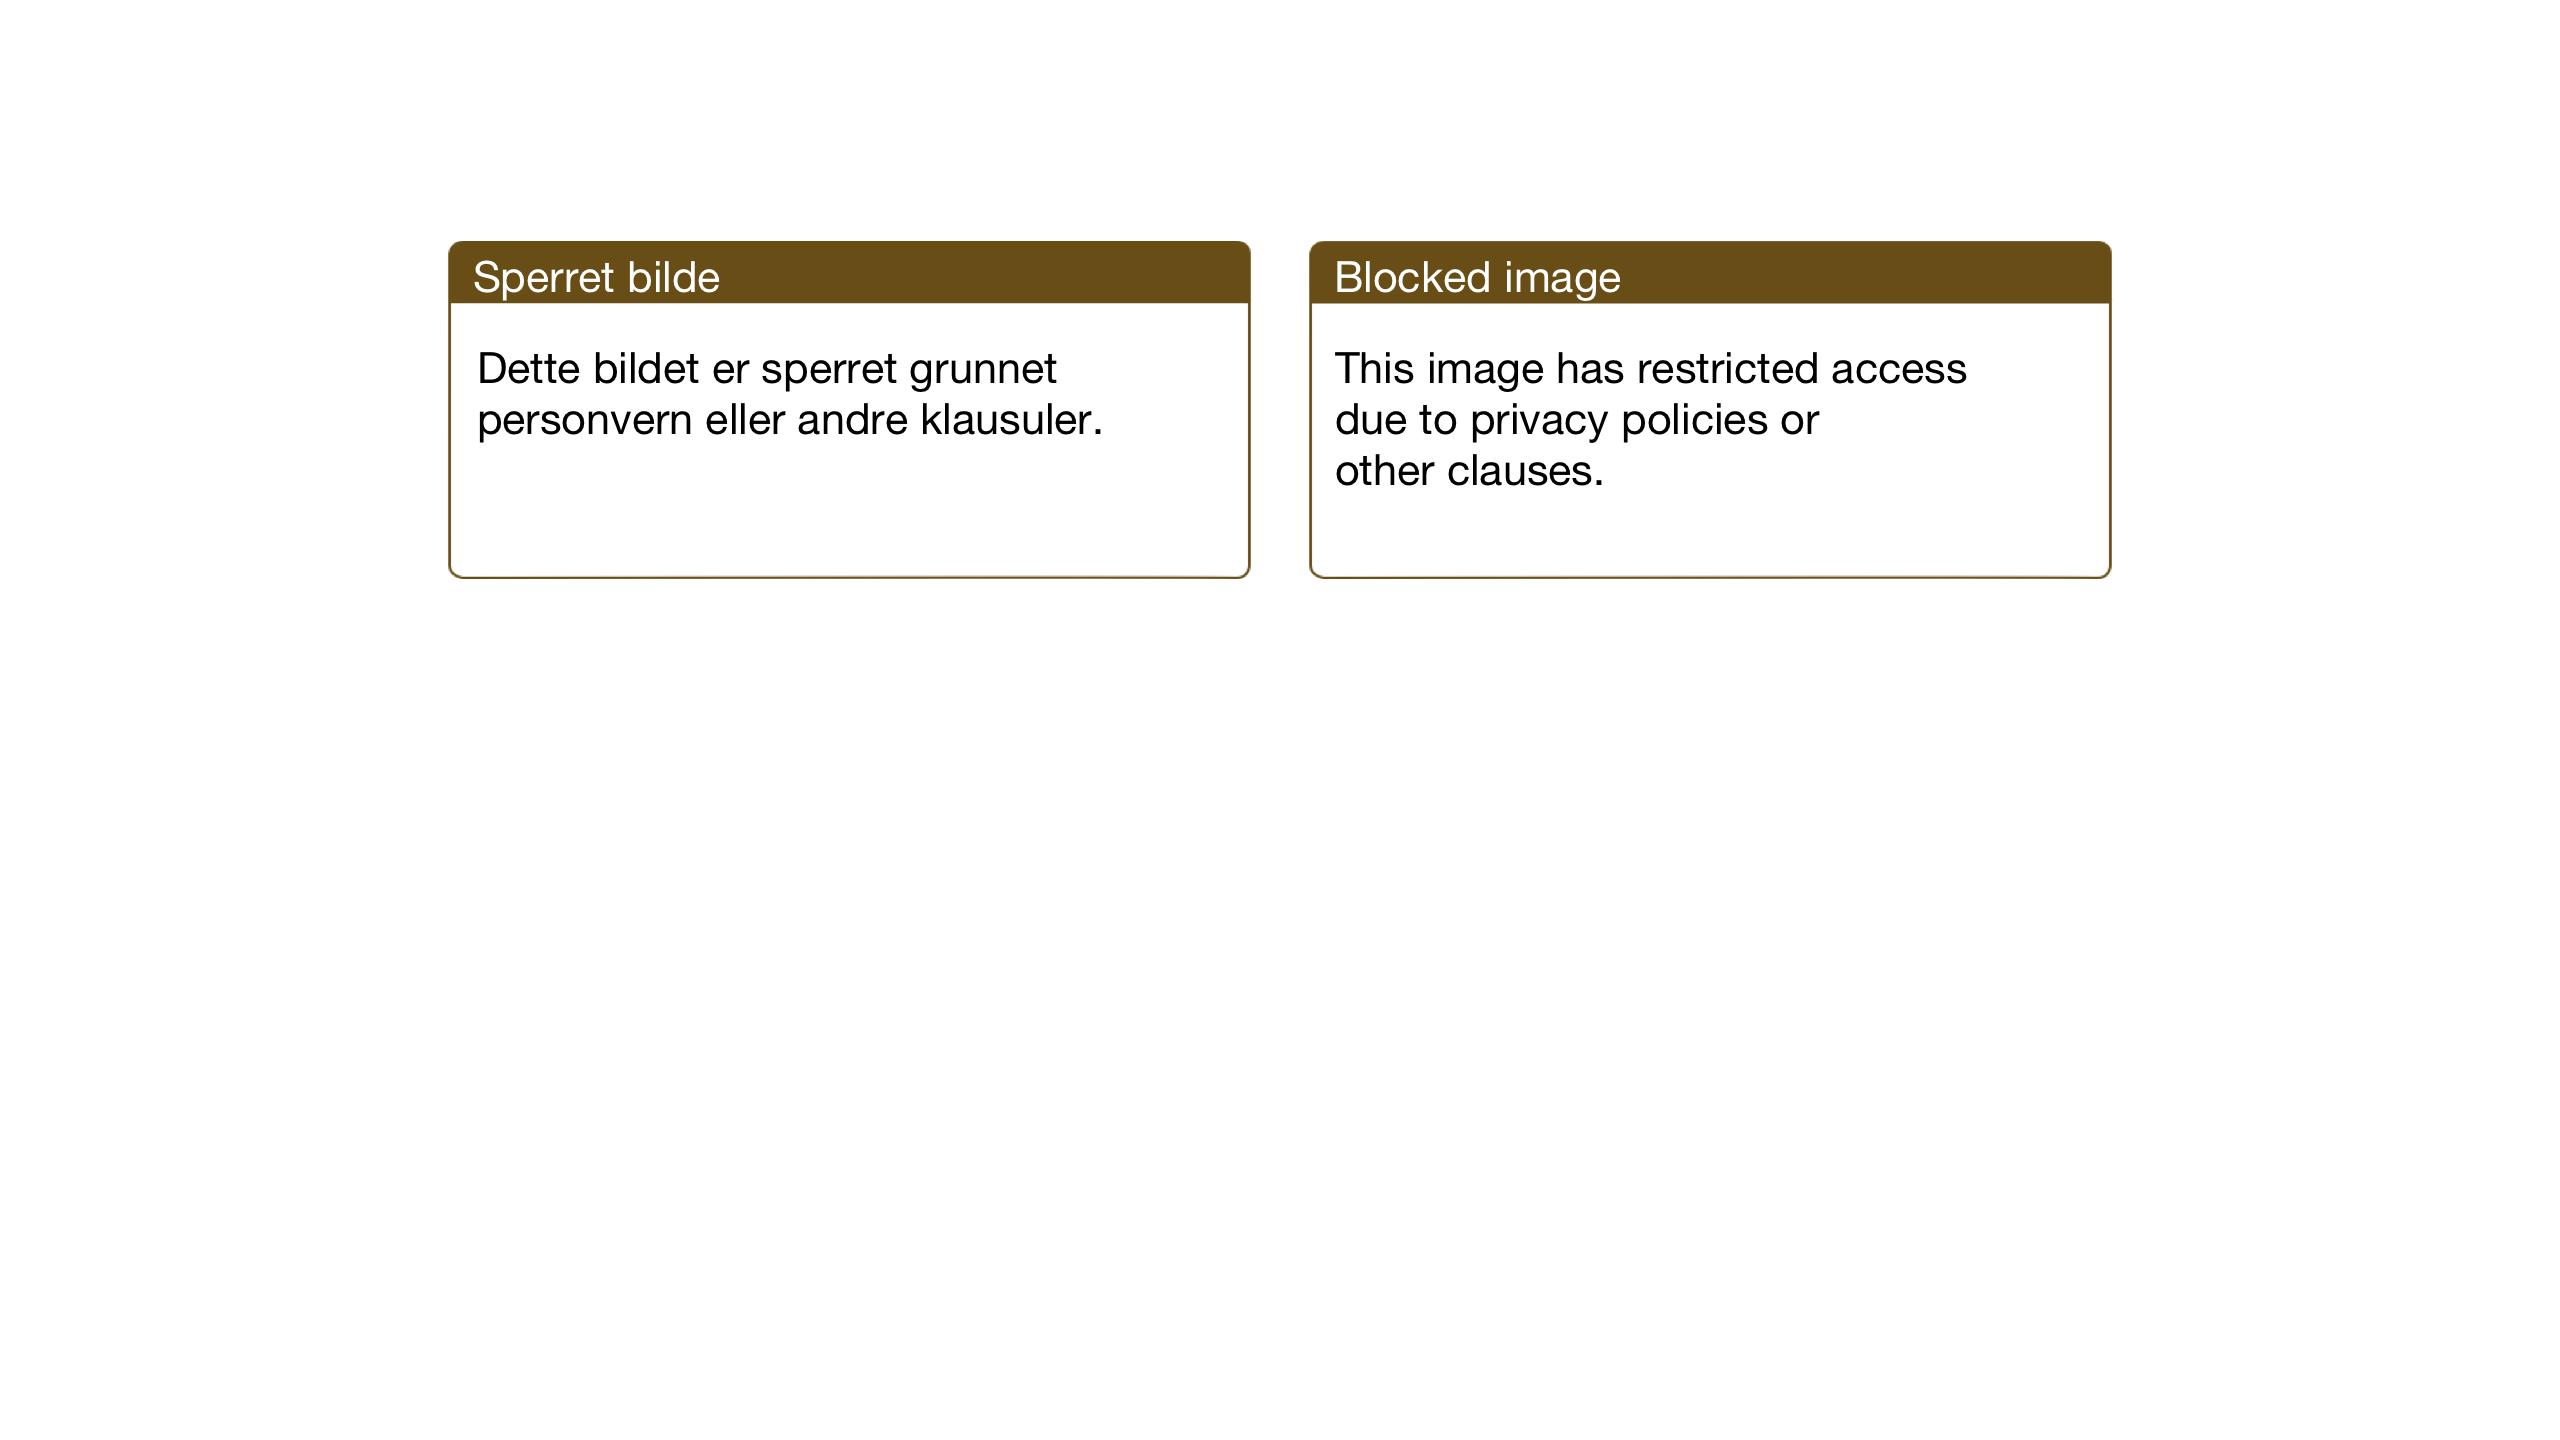 SAT, Ministerialprotokoller, klokkerbøker og fødselsregistre - Nord-Trøndelag, 780/L0654: Klokkerbok nr. 780C06, 1928-1942, s. 28